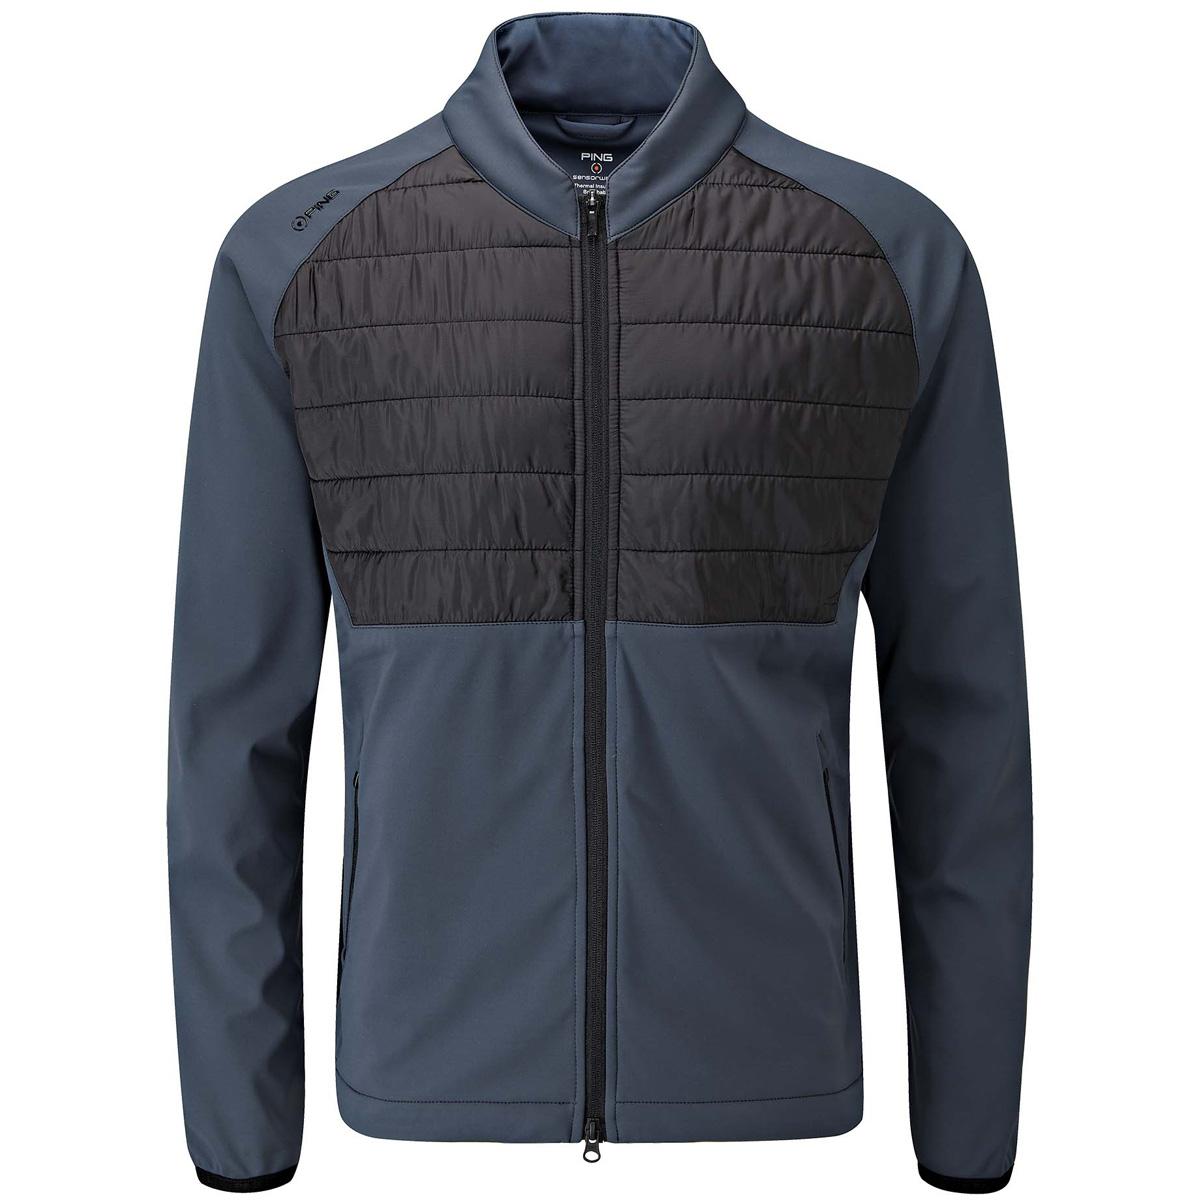 ストレッチ ノースプリマロフトゾーンジャケット